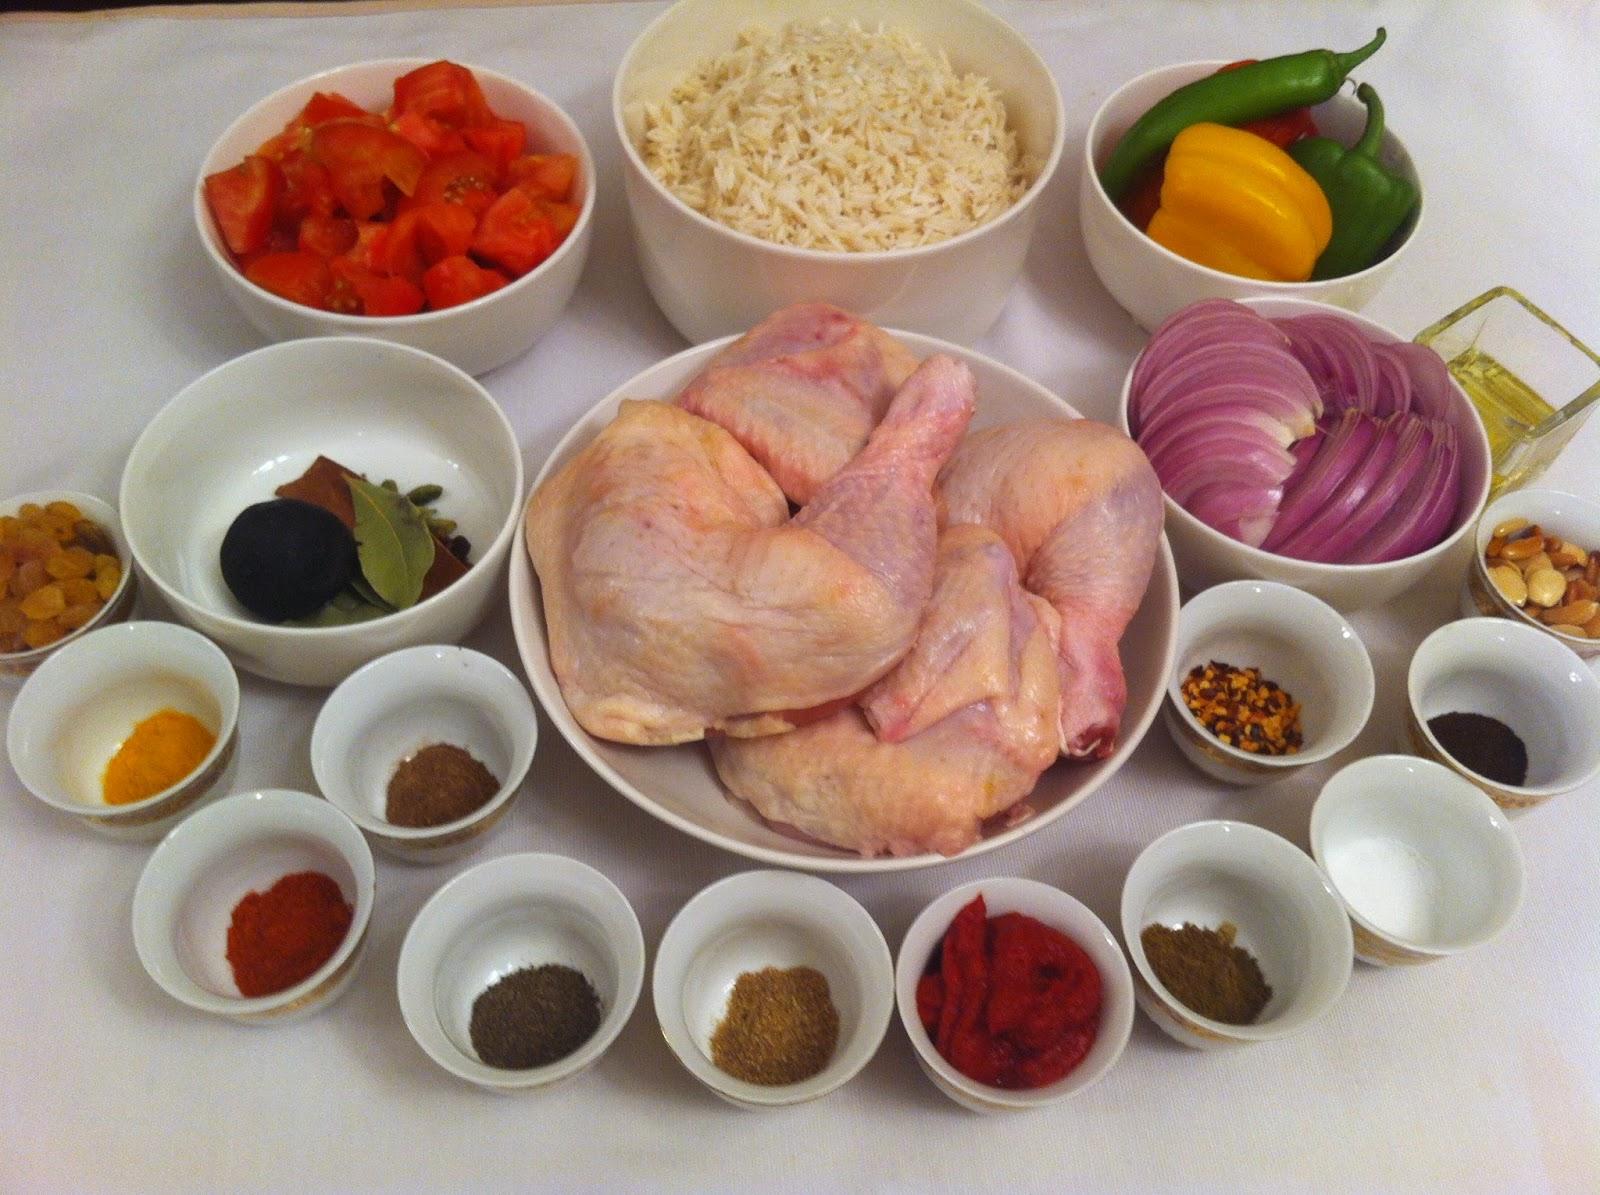 طريقة تحضير كبسة الدجاج بدبس الرمان